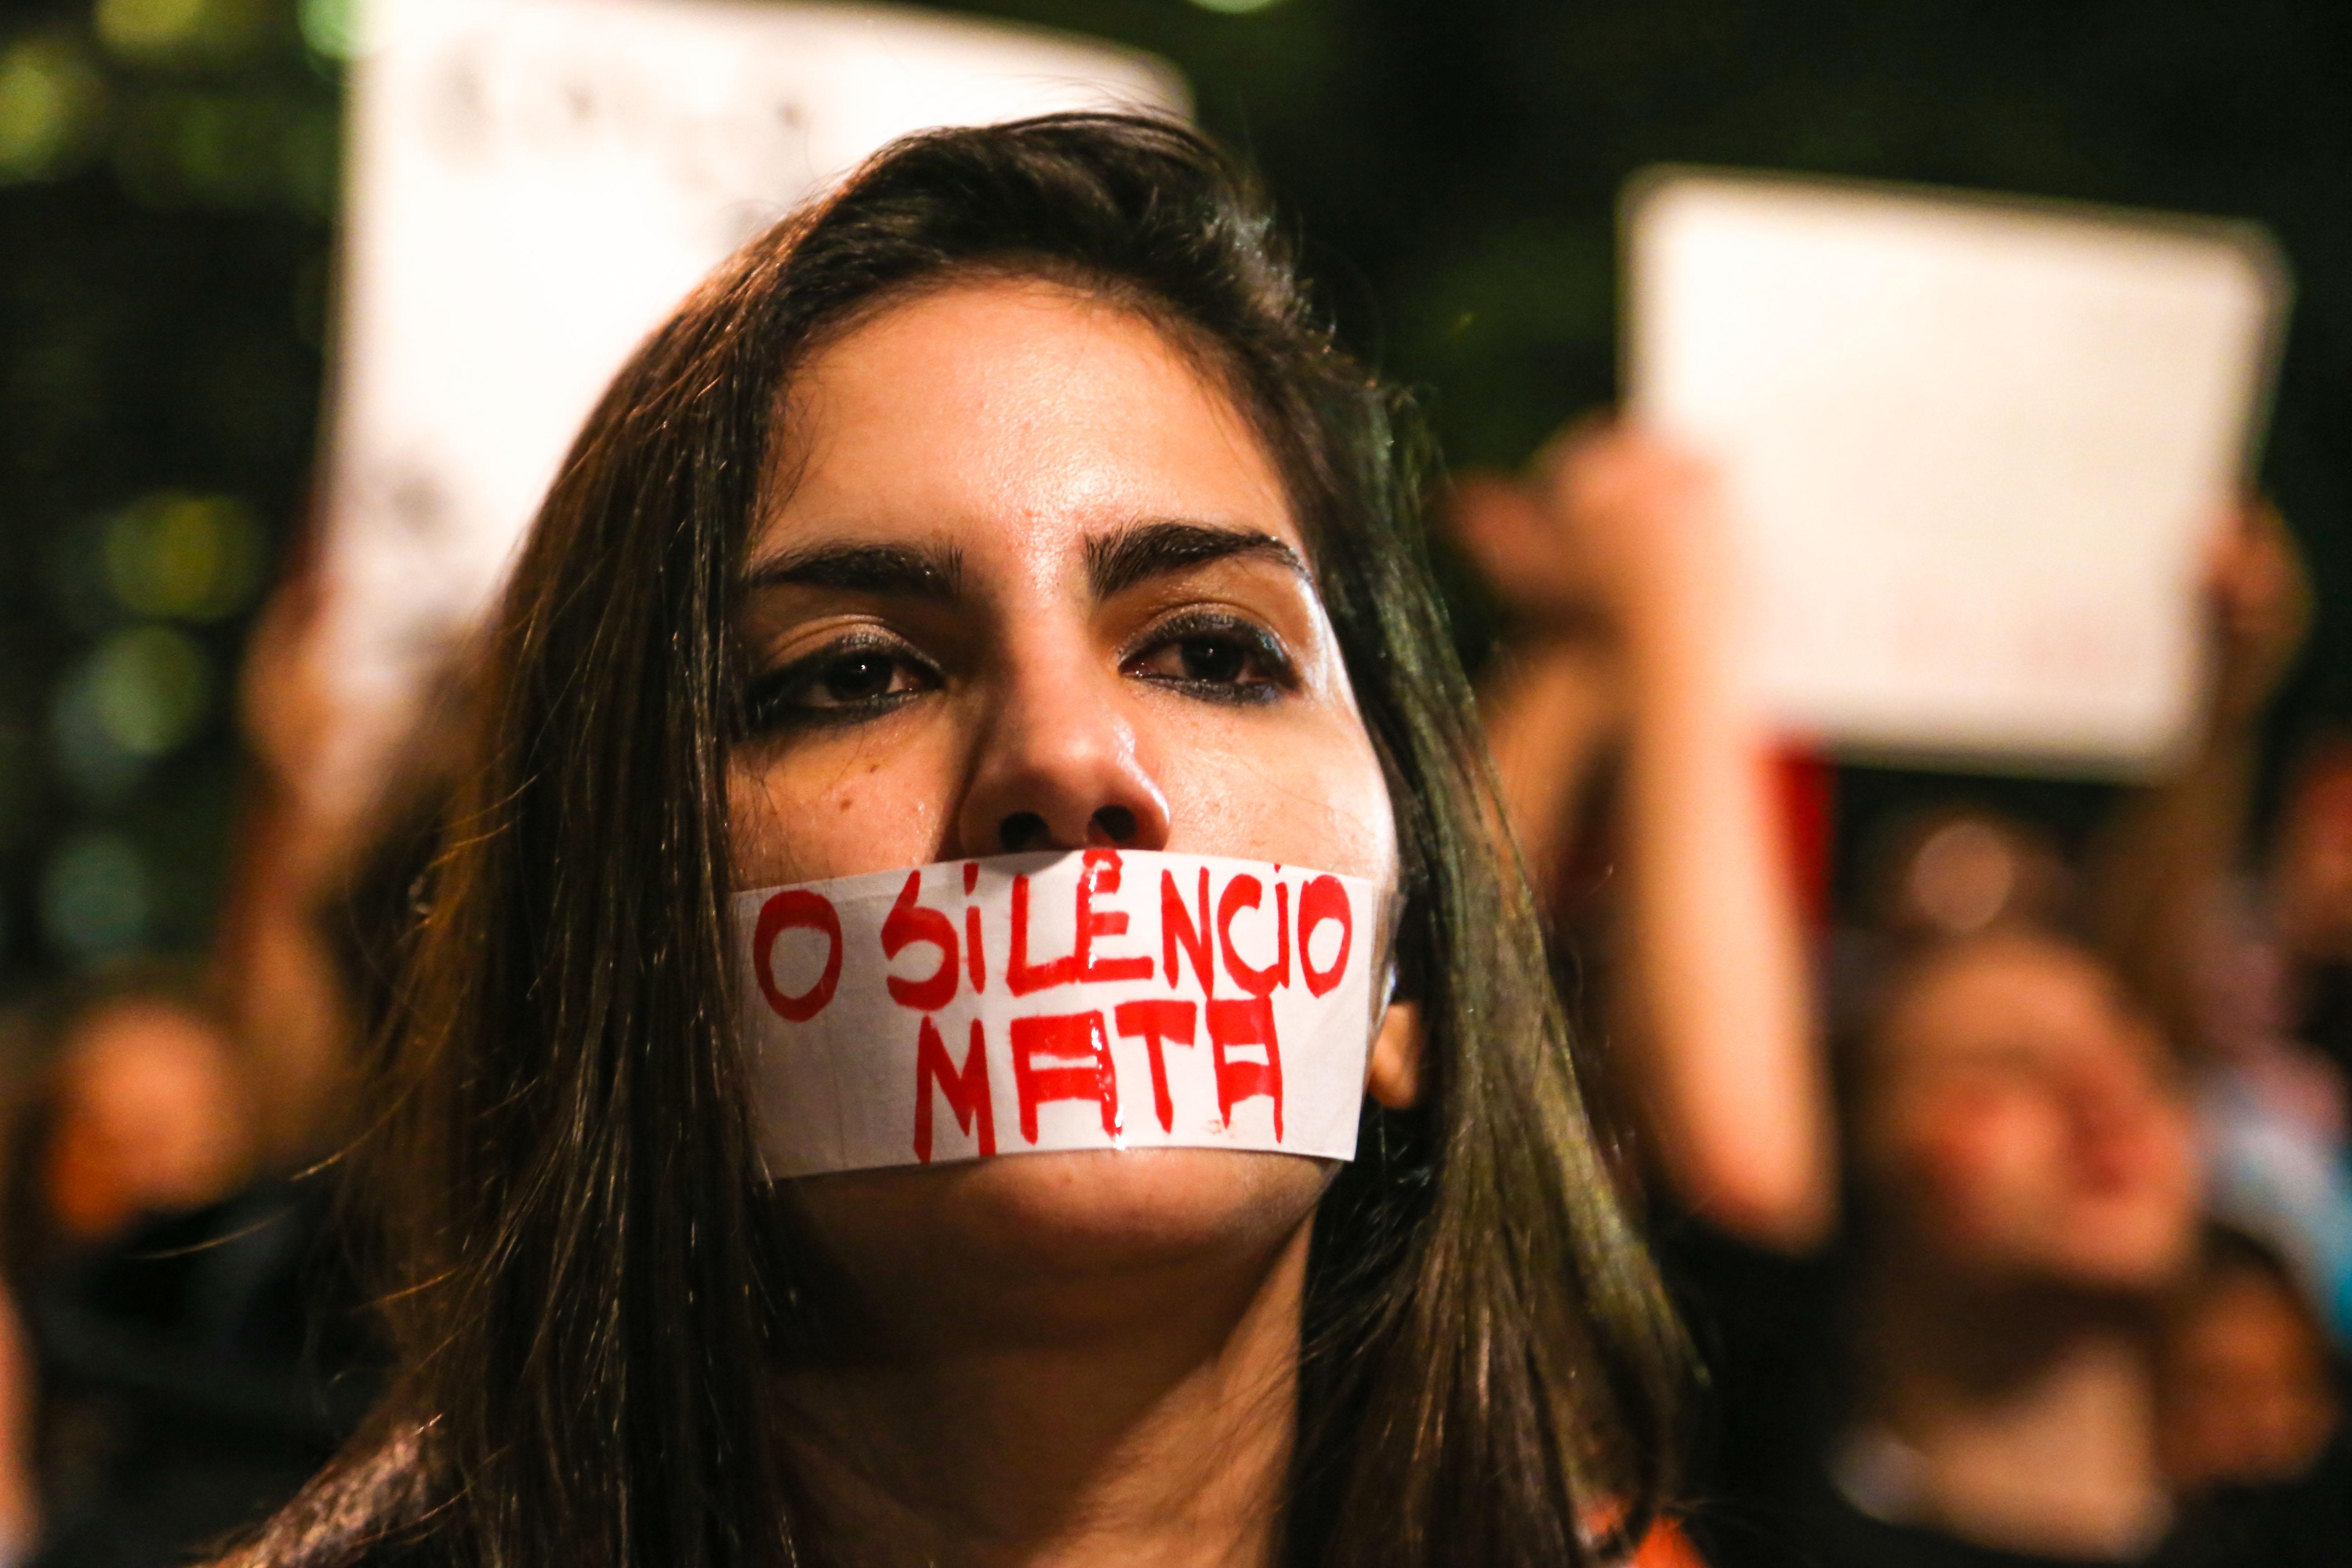 São Paulo 08/06/2016 2º ato Por Todas Elas na Avenida Paulista, contra o estupro. Foto Paulo Pinto/AGPT http://fotospublicas.com/ato-por-todas-elas-reune-mulheres-na-avenida-paulista-para-mais-um-protesto-contra-o-estupro/